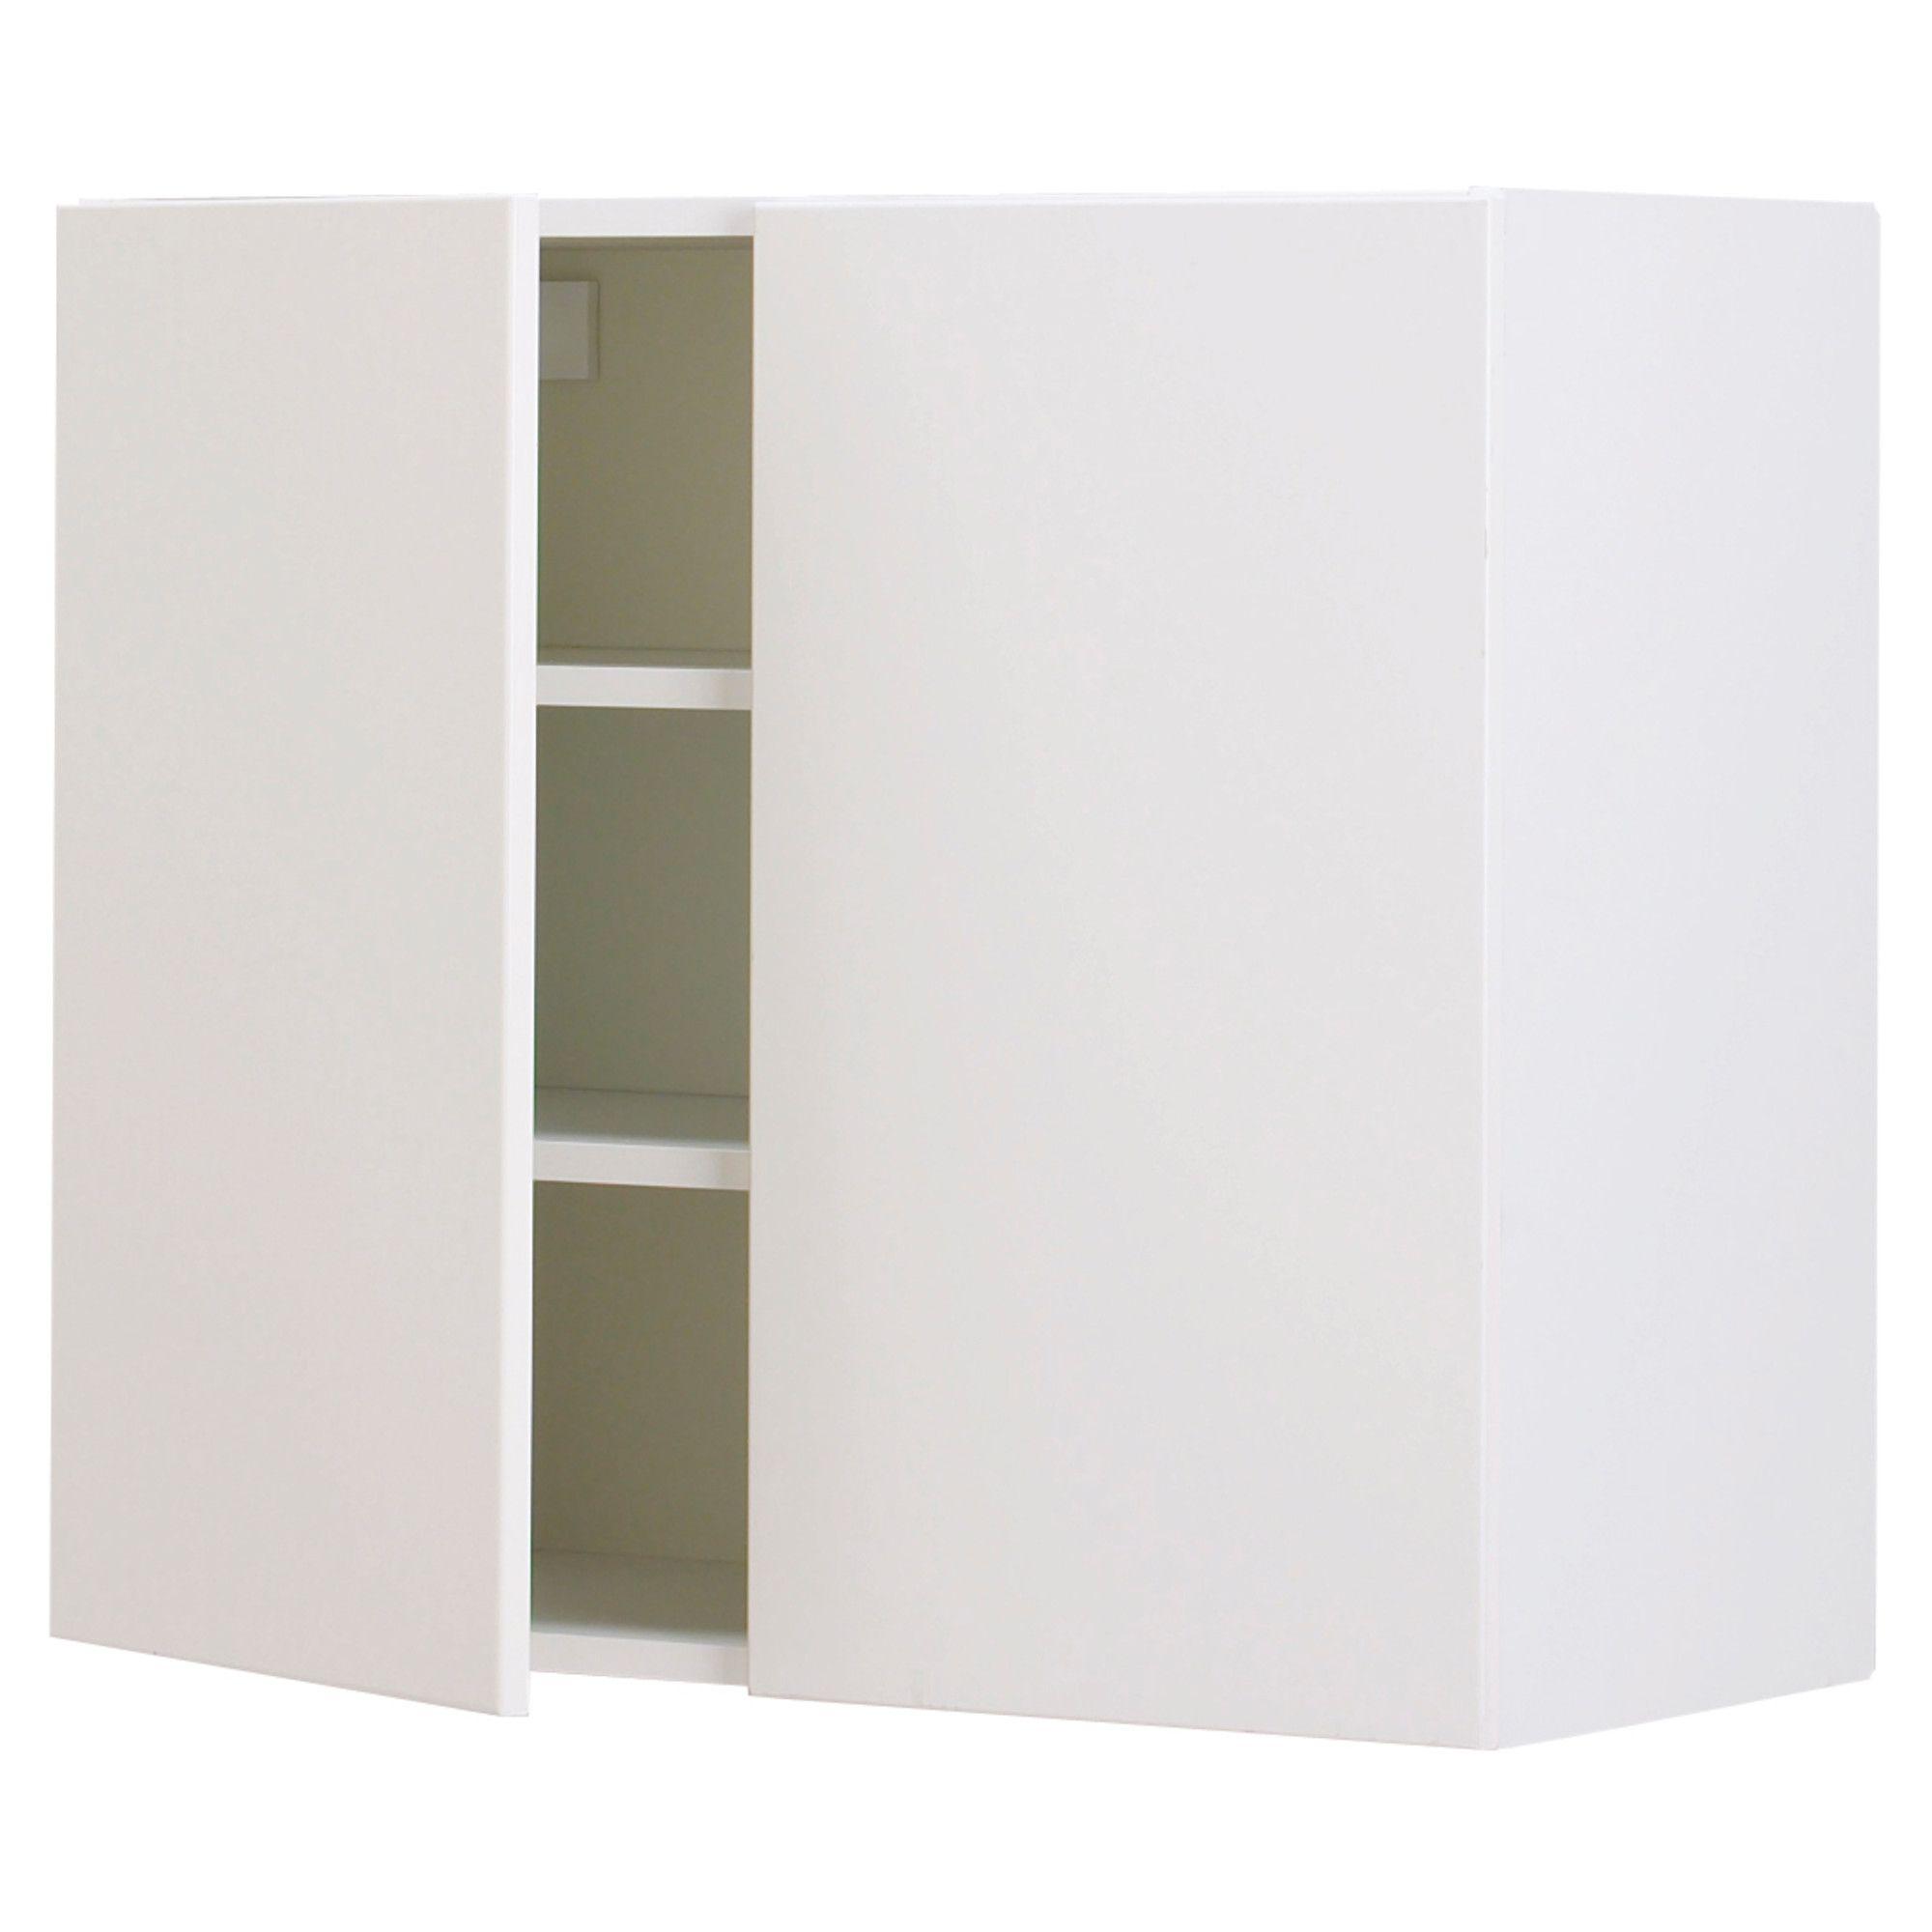 Ikea Applad Weiß: FAKTUM Wandschrank Mit 2 Türen